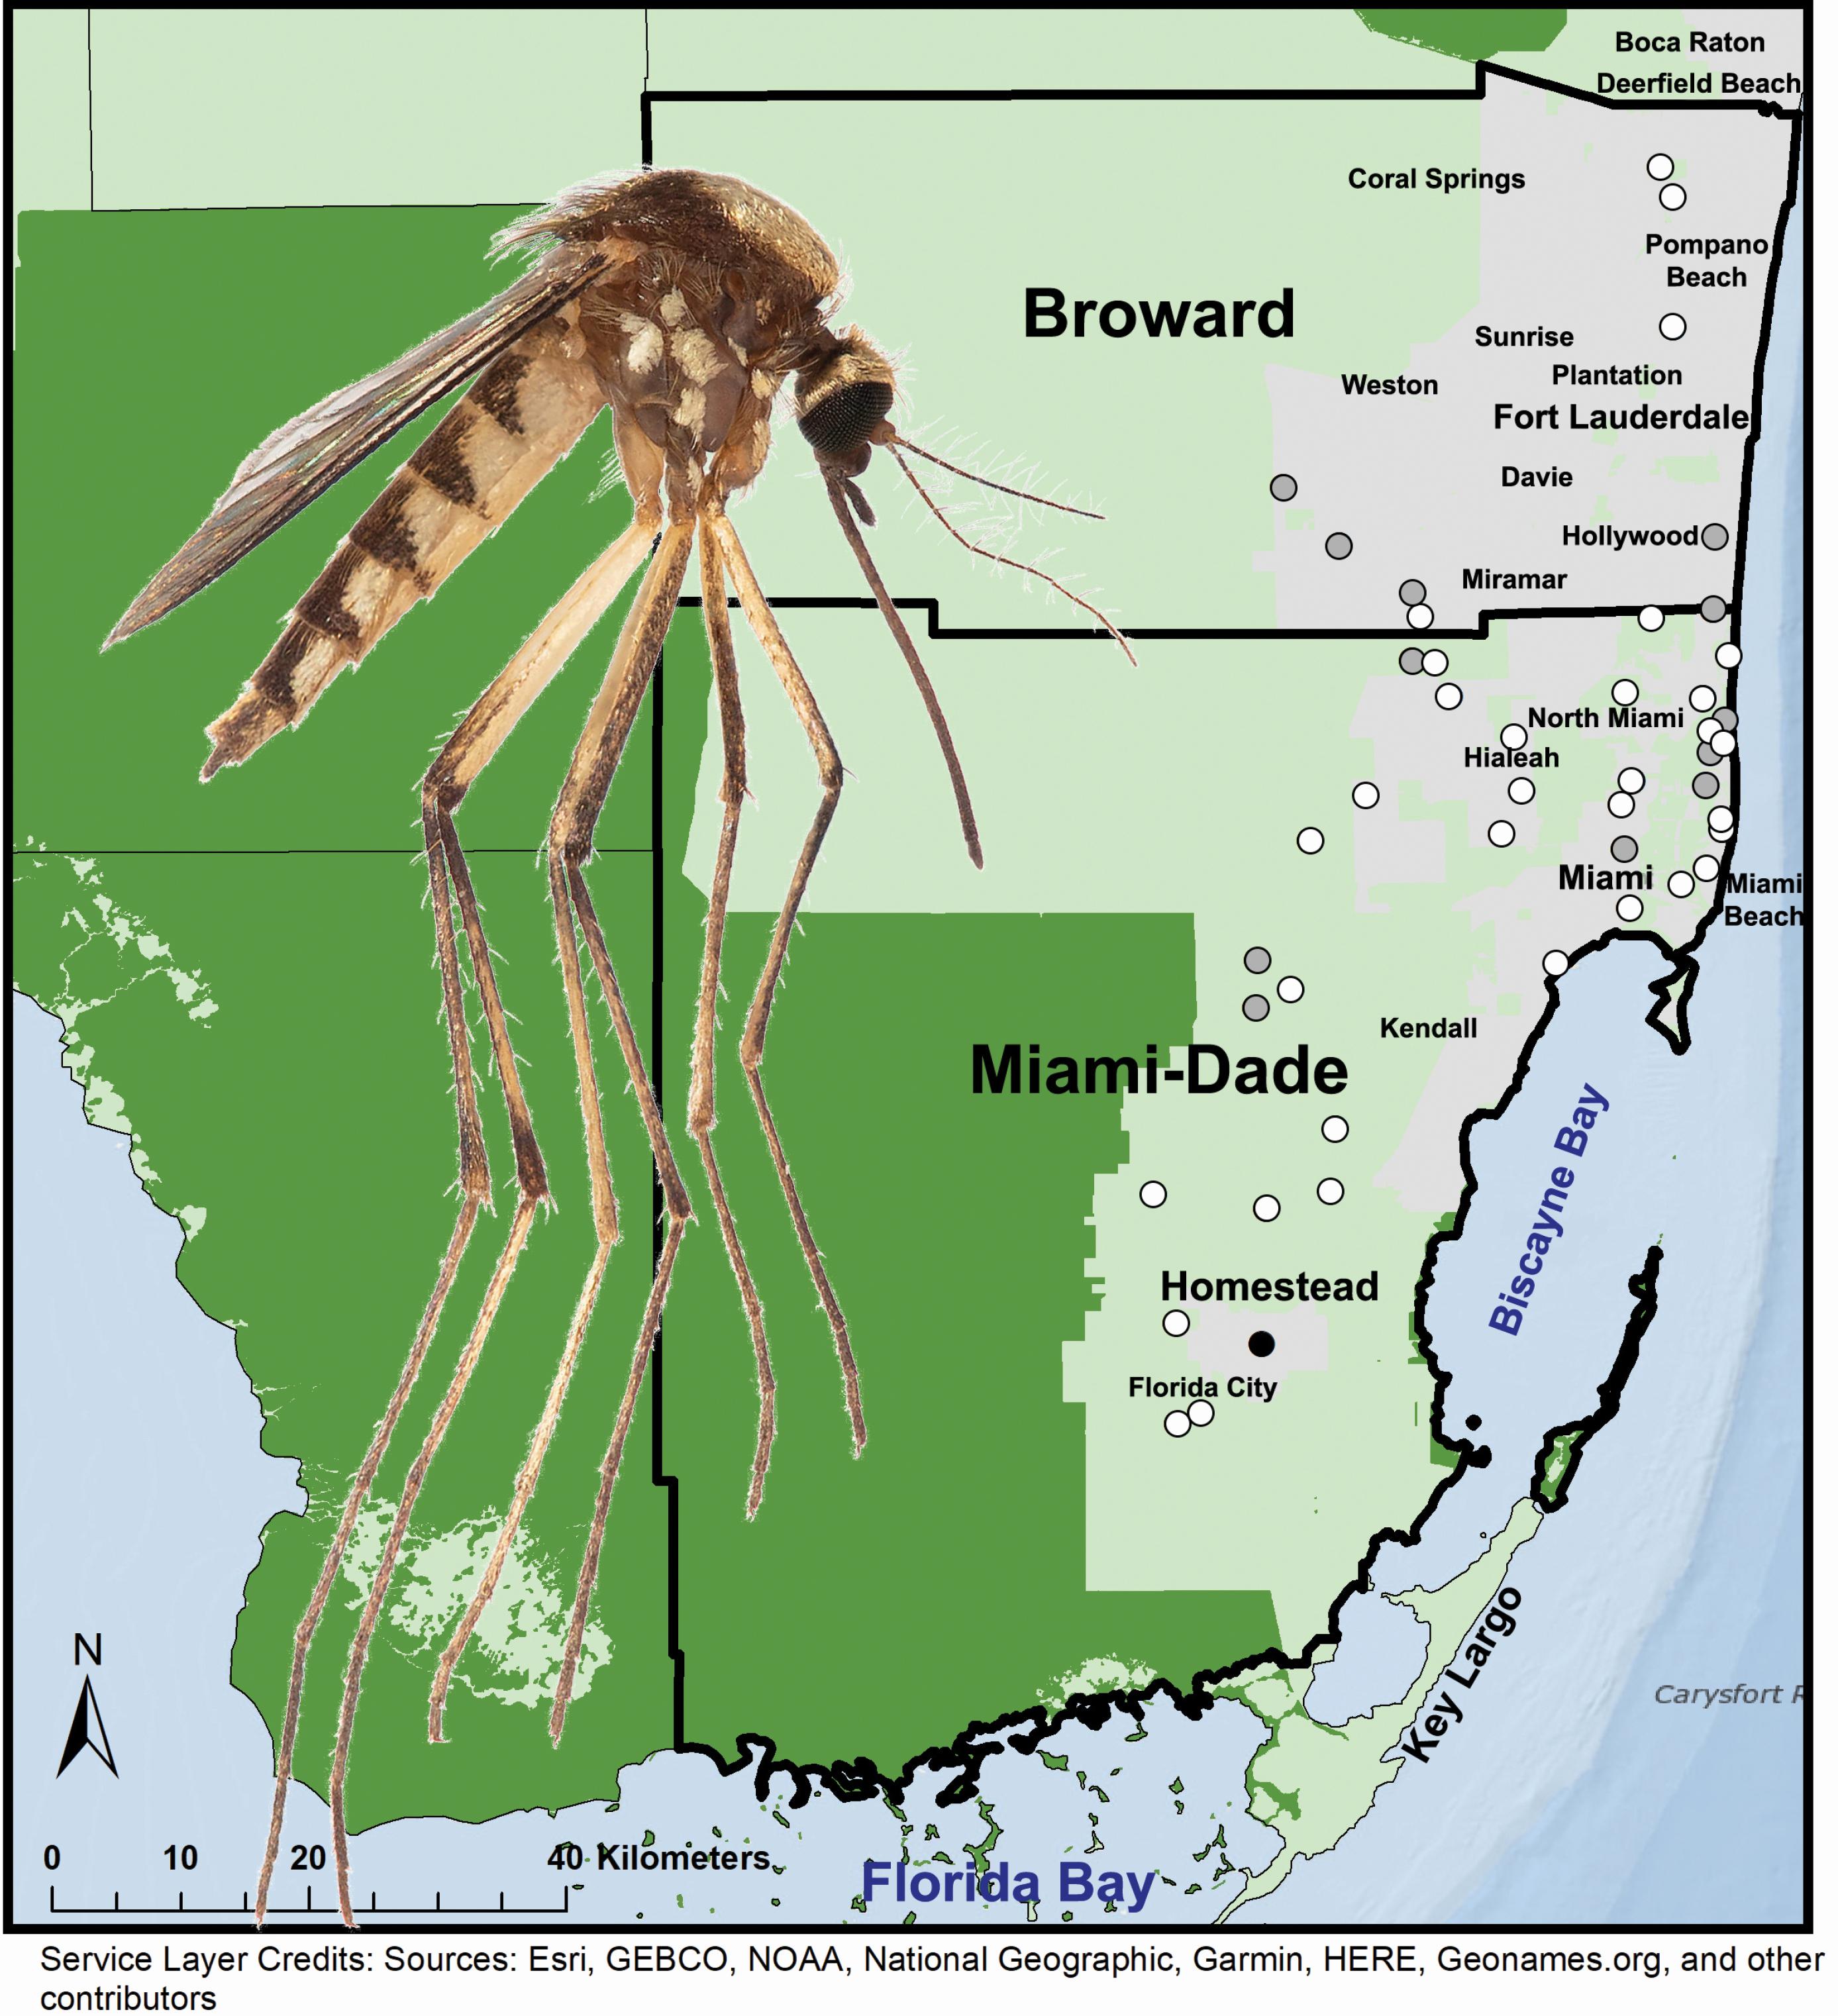 Aedes scapularis- Reeves et al., (2020) map